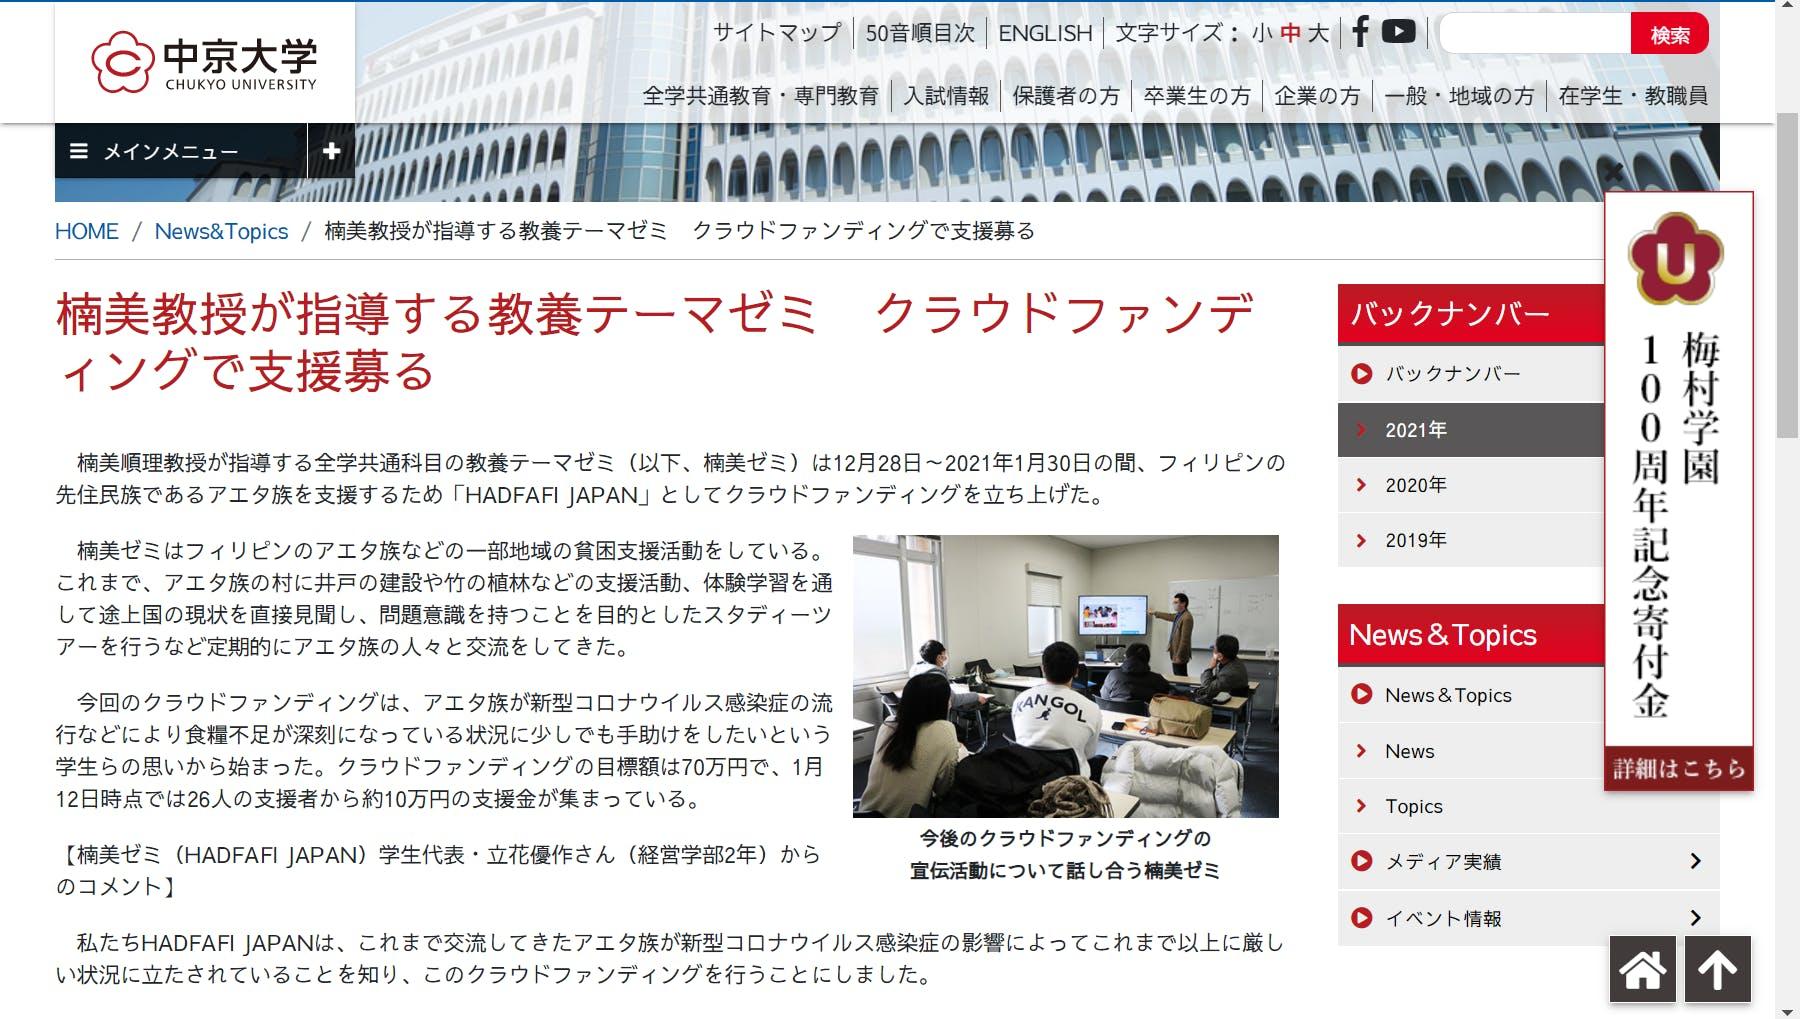 大学 コロナ 中京 「愛知県 高校eスポーツ部支援プロジェクト」一校目の開通式を中京大学附属高等学校にて実施